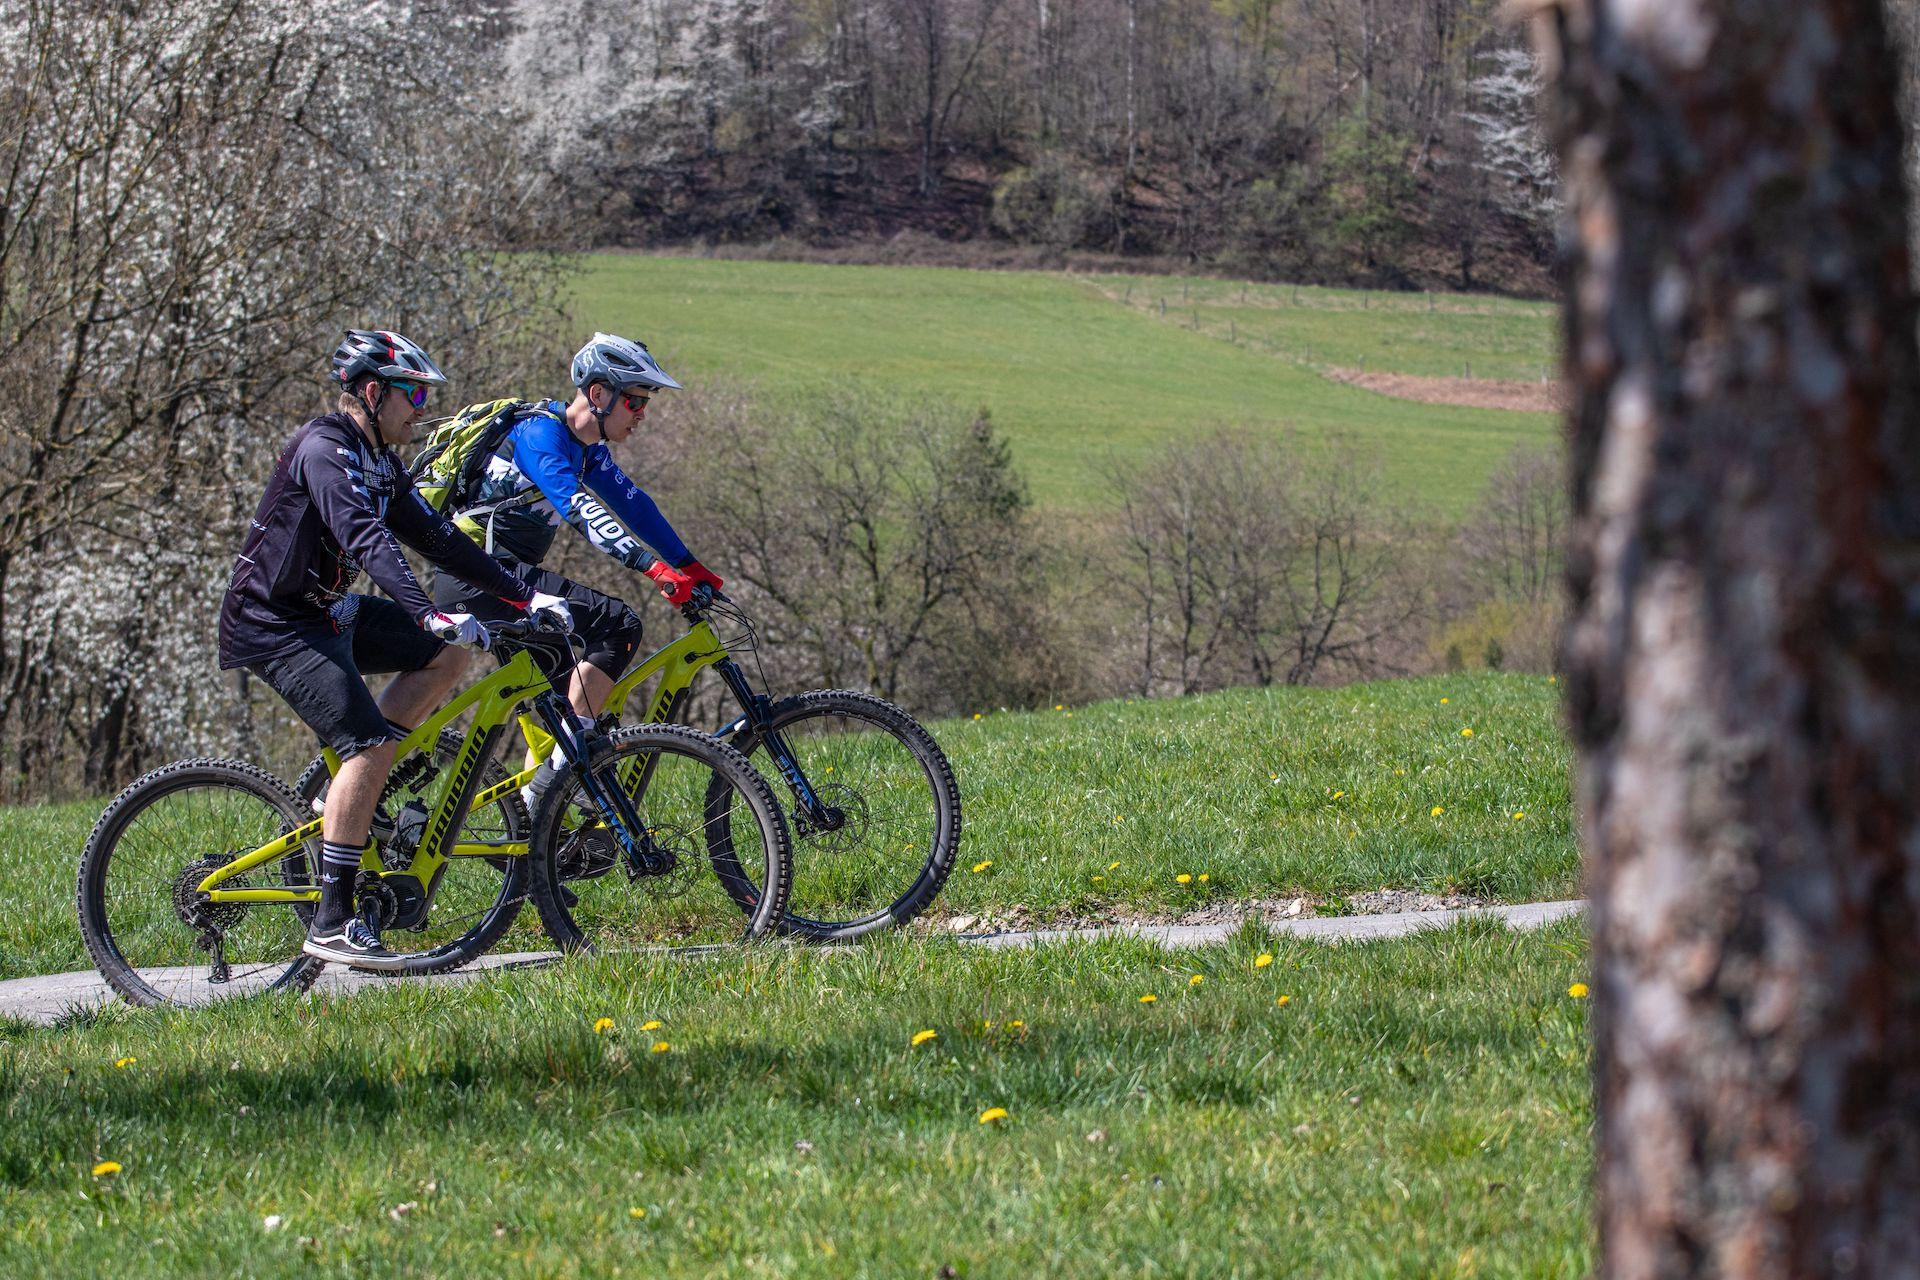 eBike Test Erlebnis eMountainbike fahren probieren Gummersbach NRW Trainer eMTB testen Rock my Trail Bikeschule 4